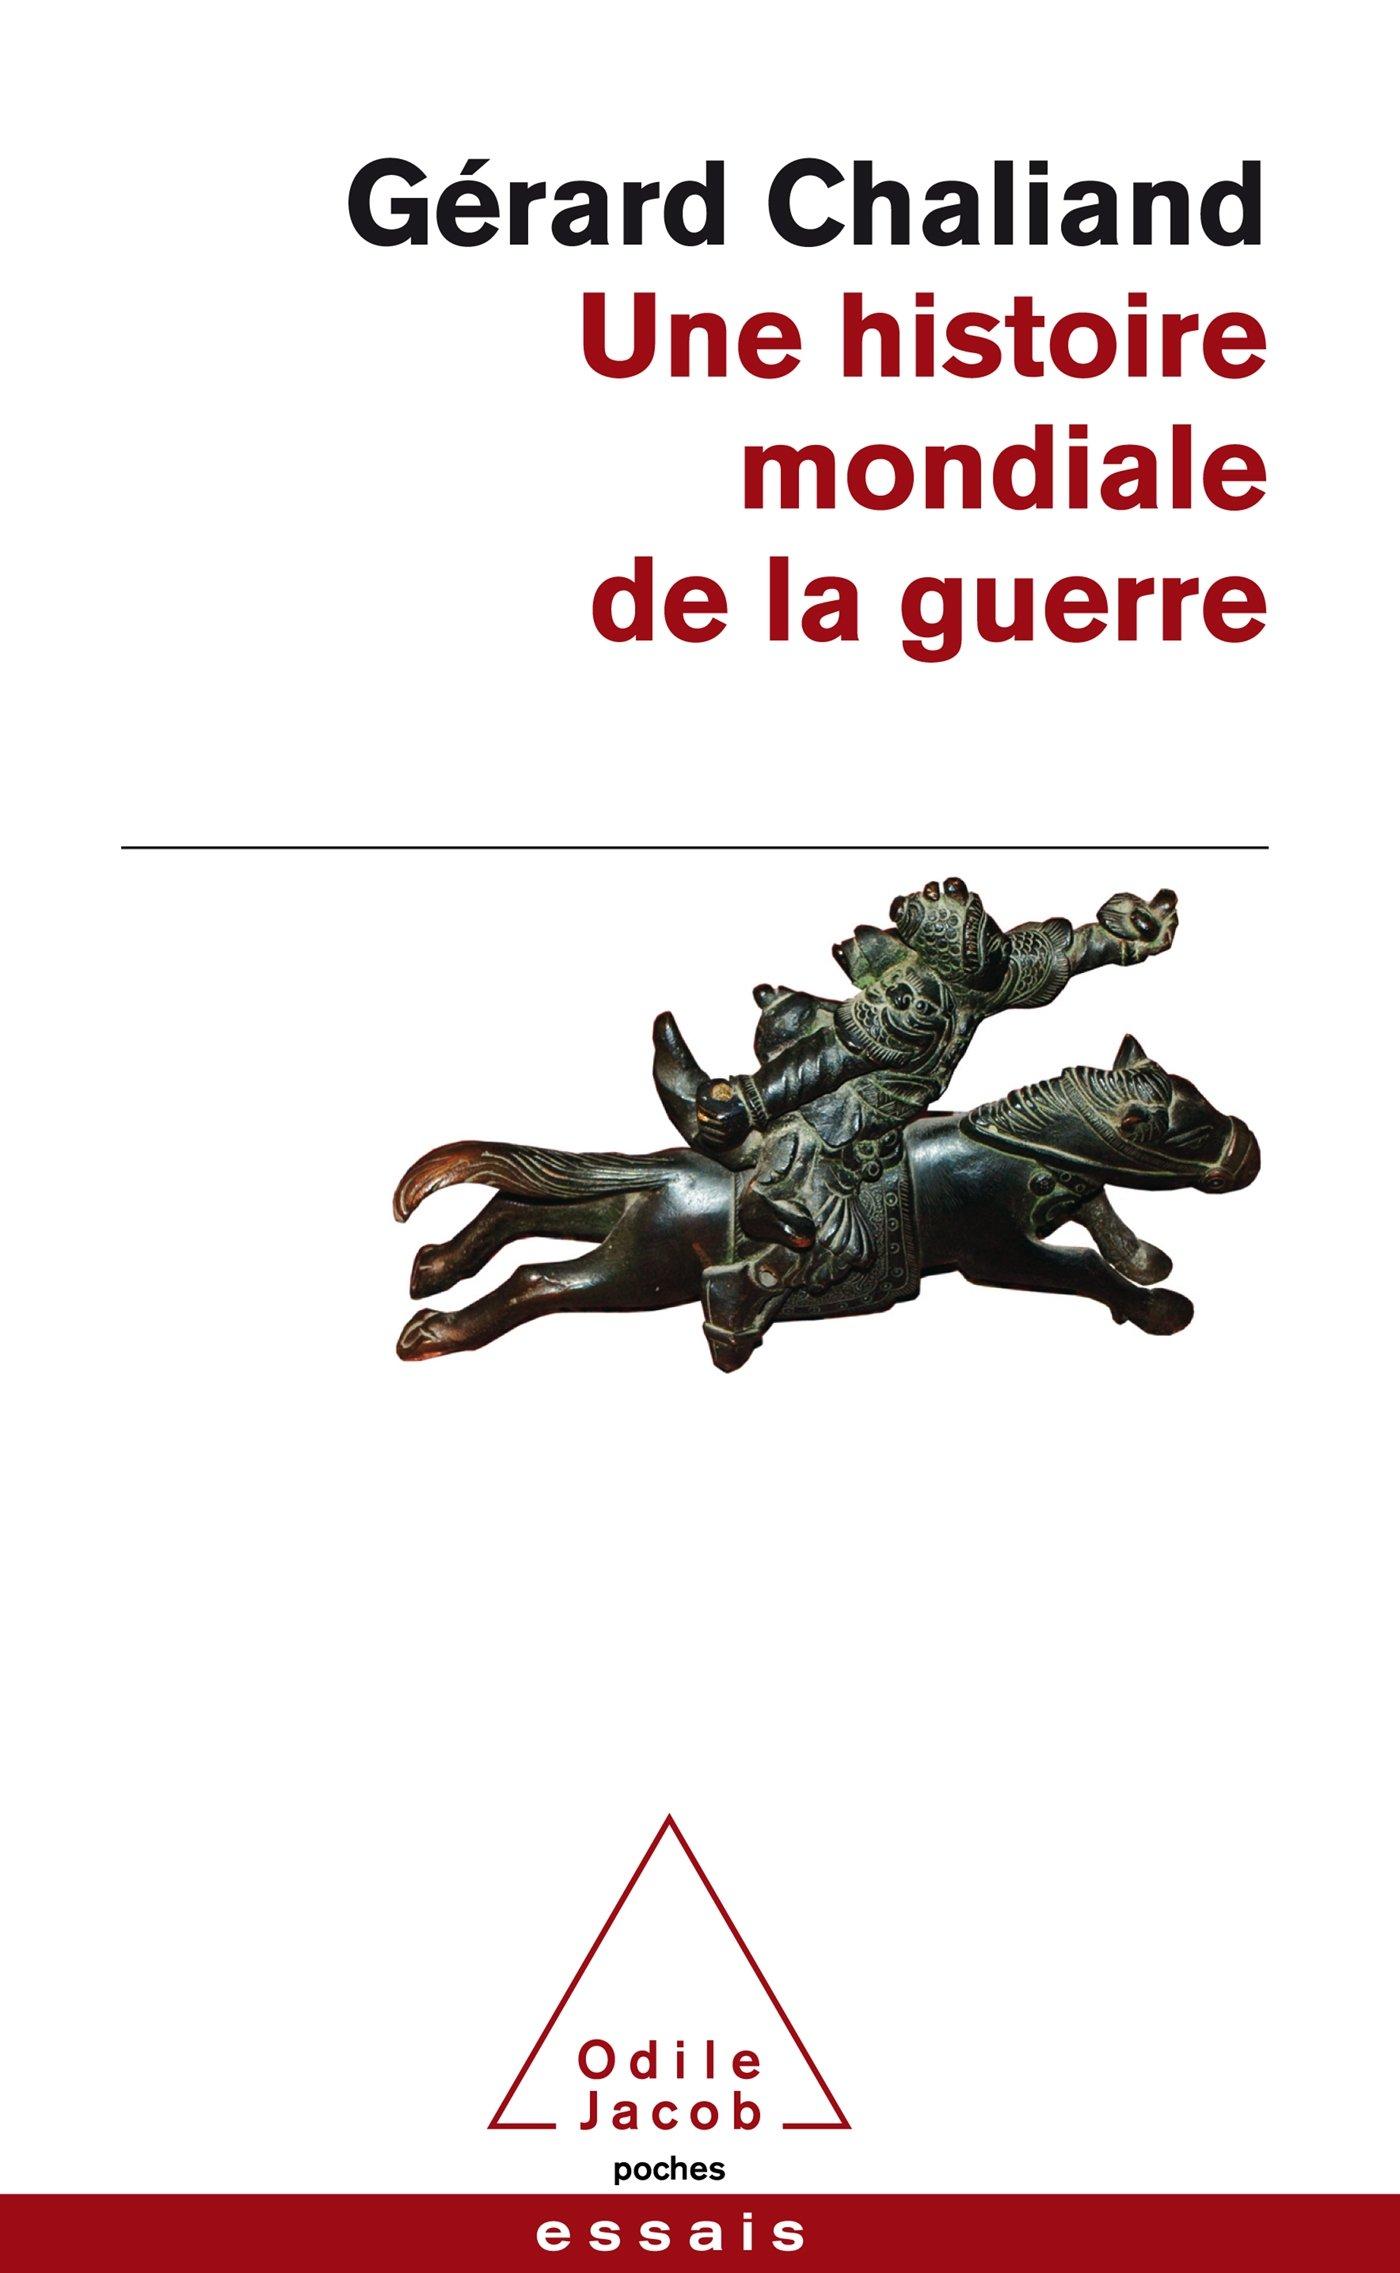 Amazon.fr - Une histoire mondiale de la guerre - Gérard Chaliand - Livres